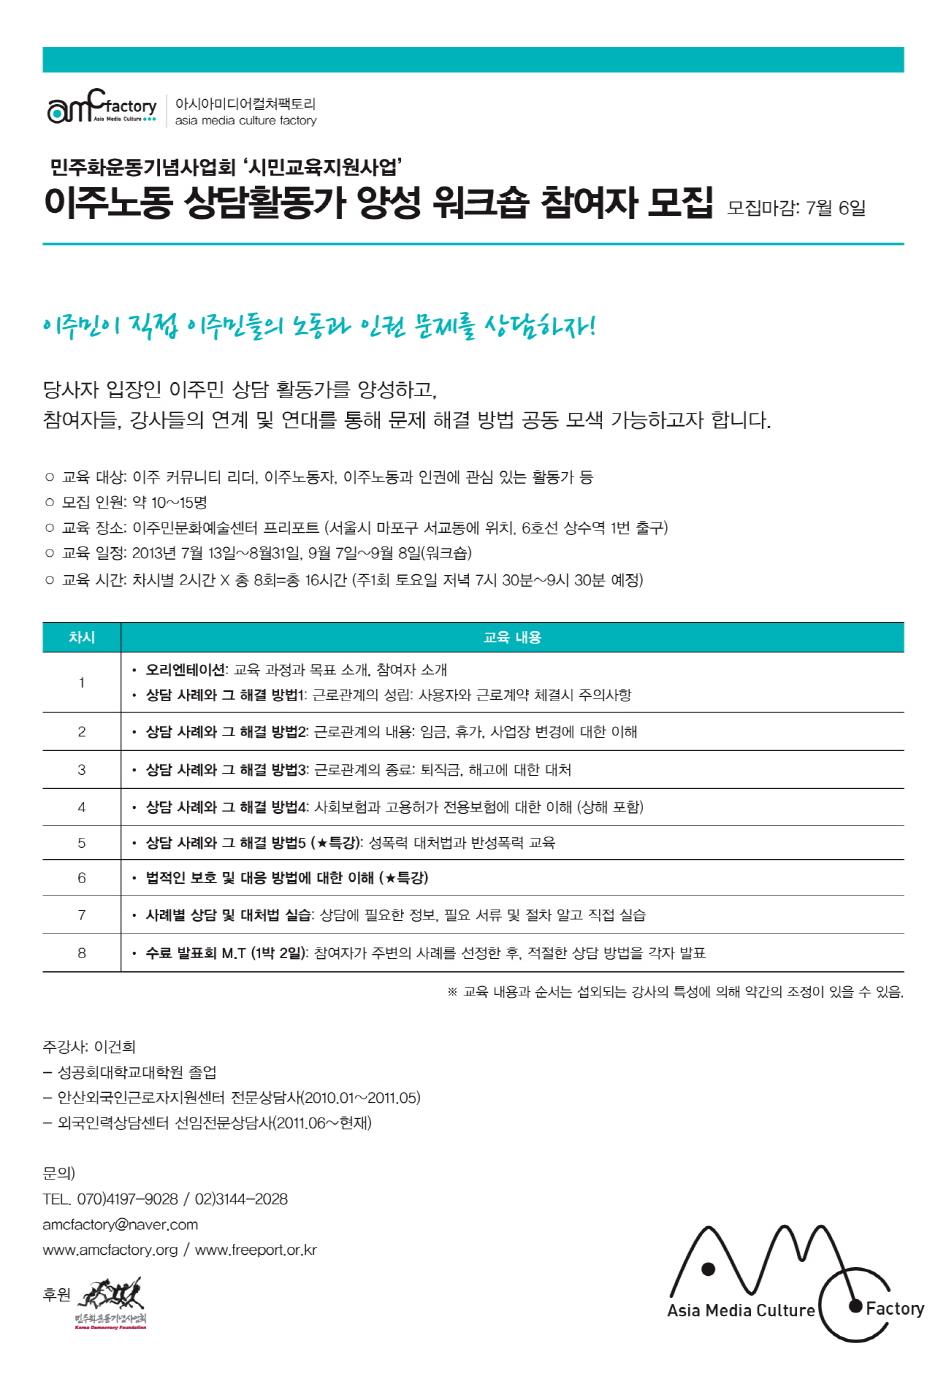 크기변환_이주노동 상담활동가워크숍 모집.jpg